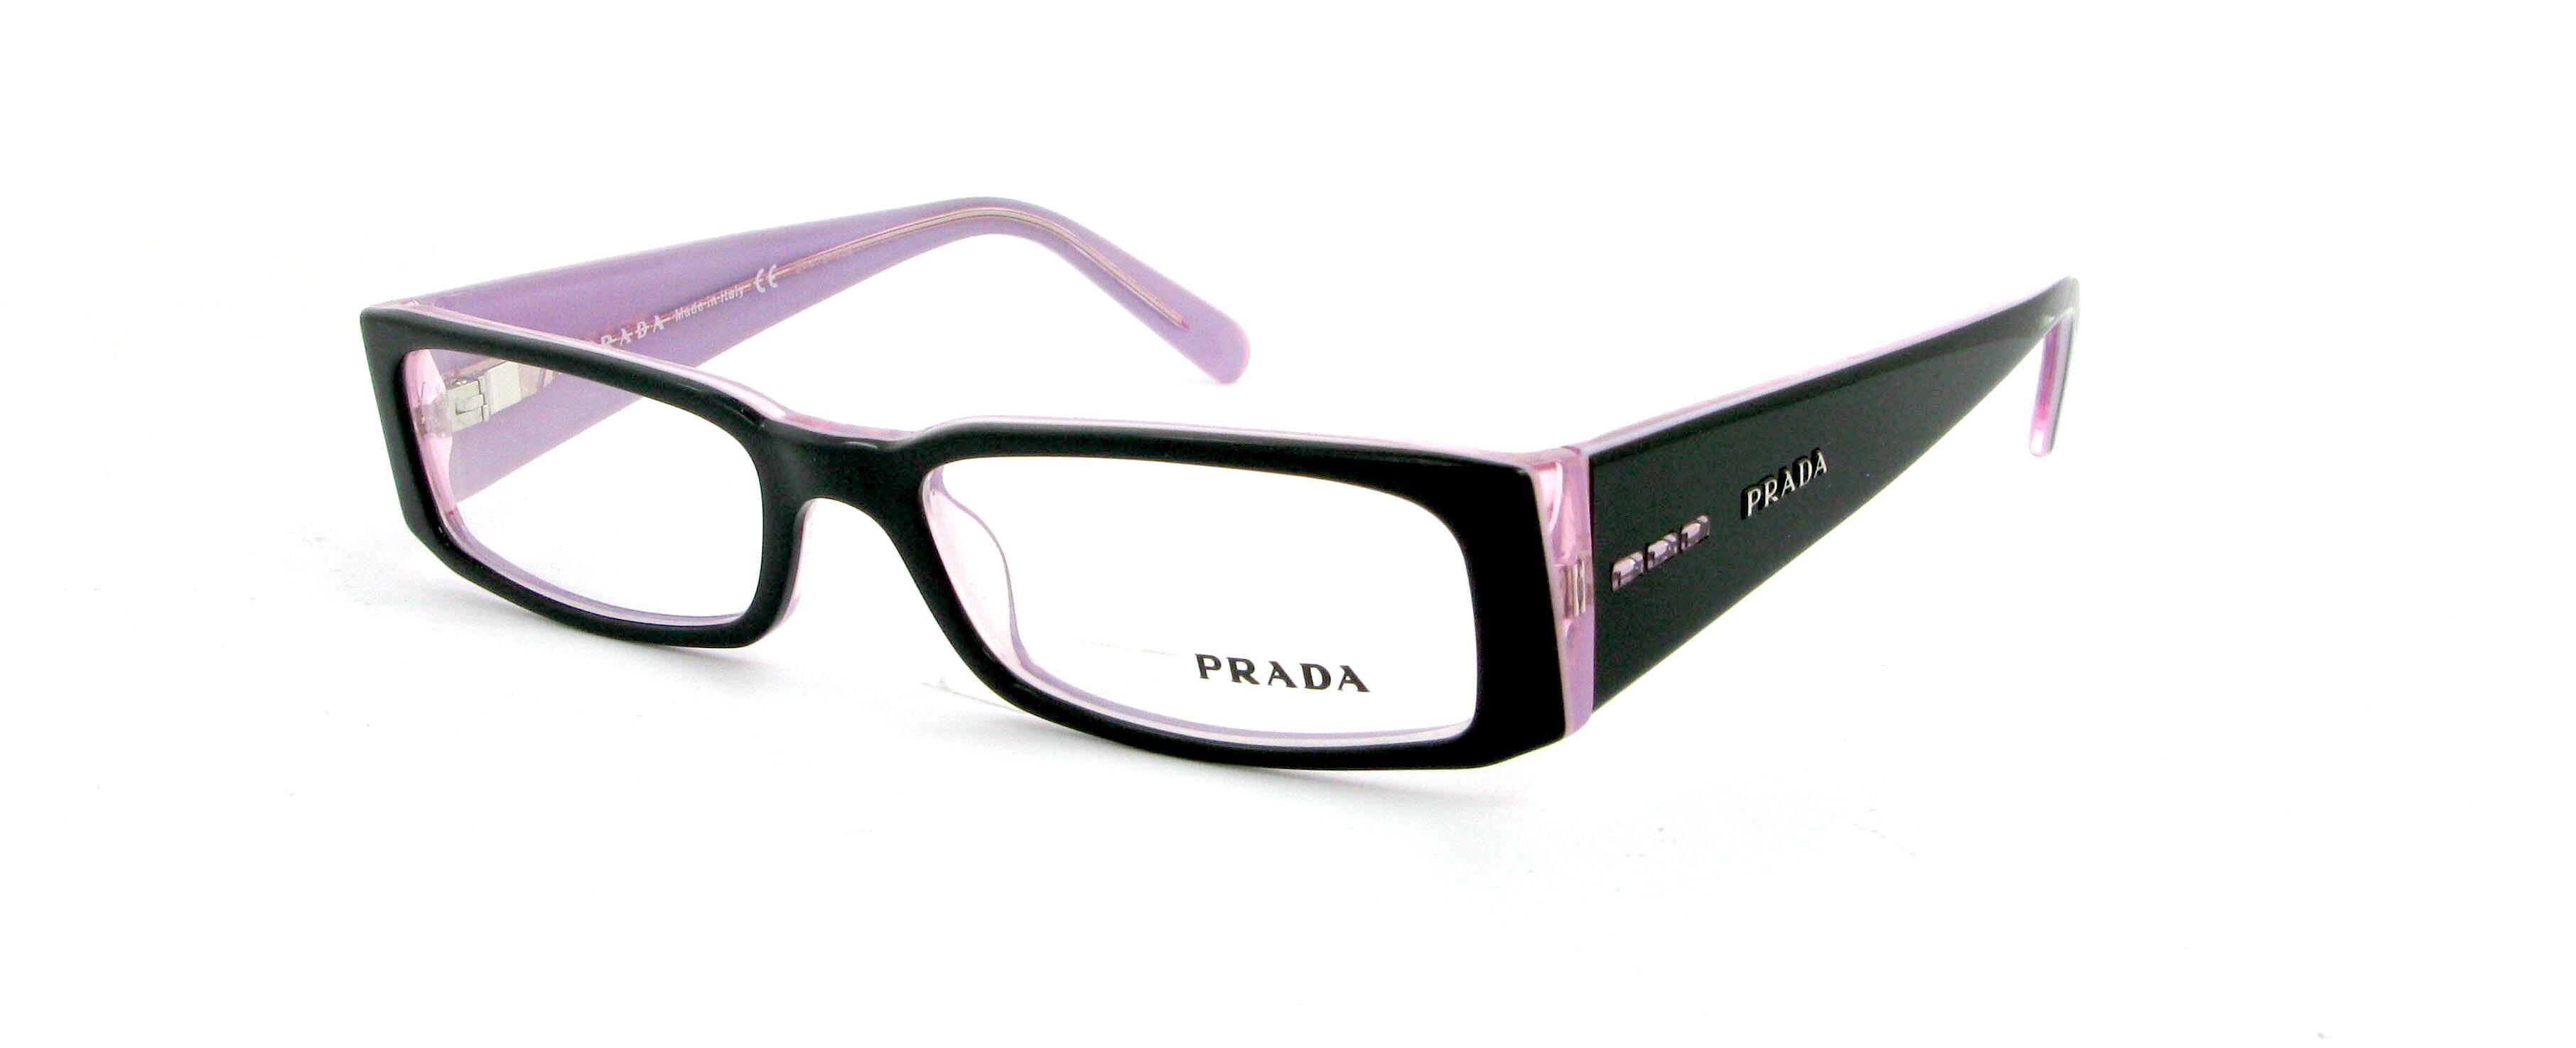 Les infos que vous cherchiez, concernant les lunettes